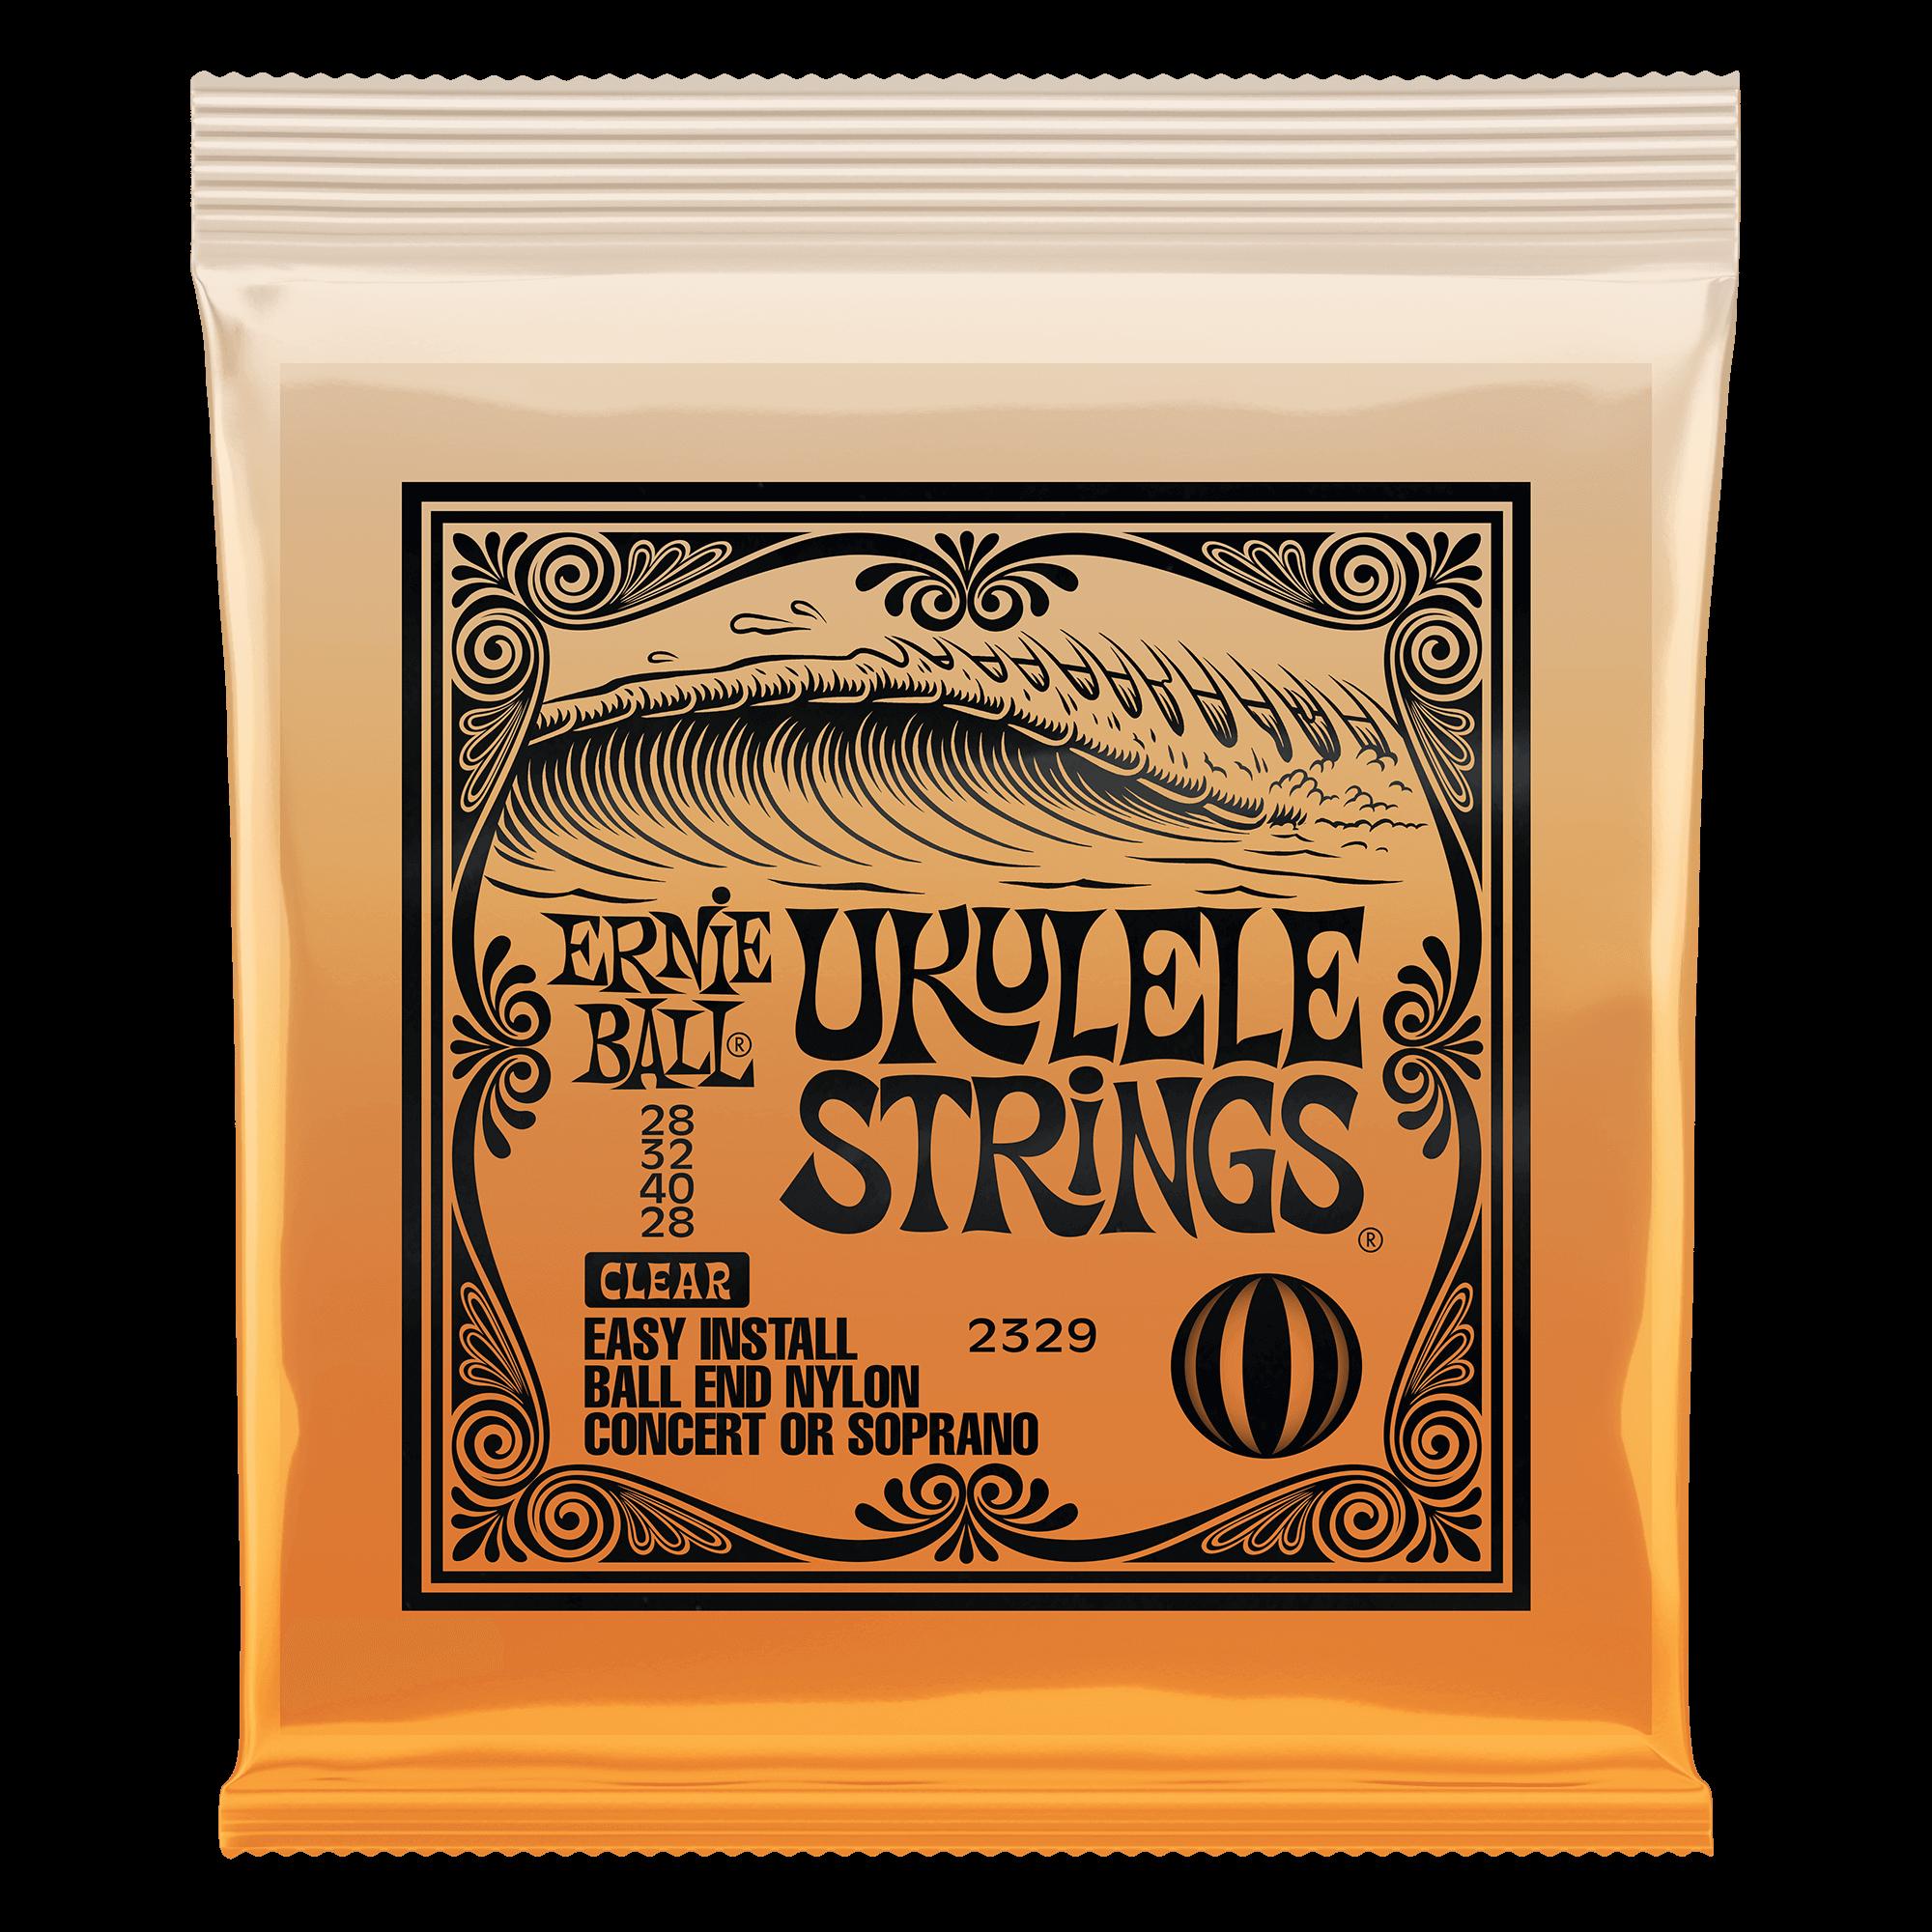 Ernie Ball Ukulele Strings P02326